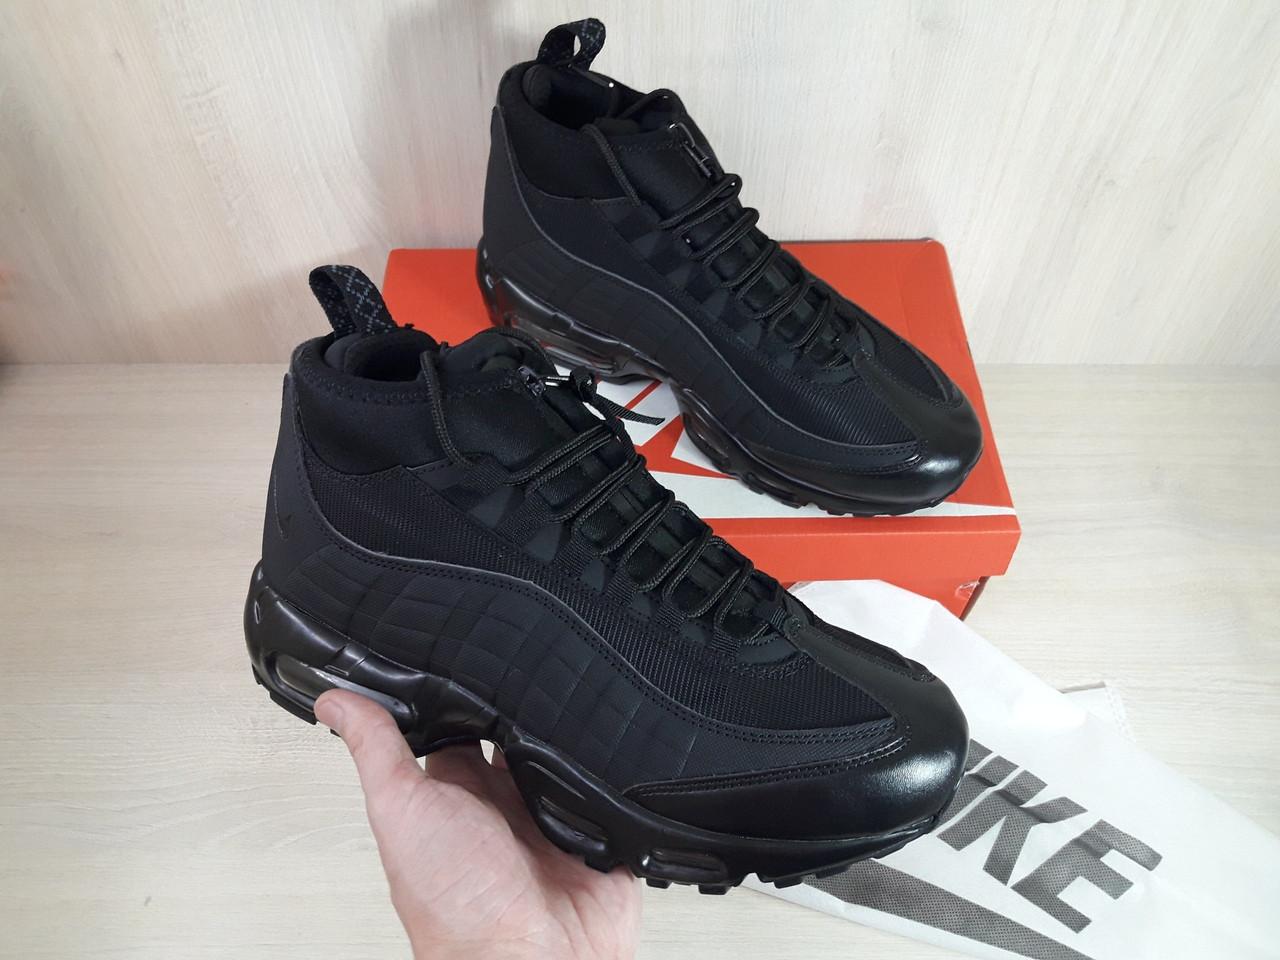 Кросівки зимові Nike Air Max 95 Sneakerboot   Кроссовки. Кросівки.  Термоносок. РЕПЛИКА - a48cf7a25a5